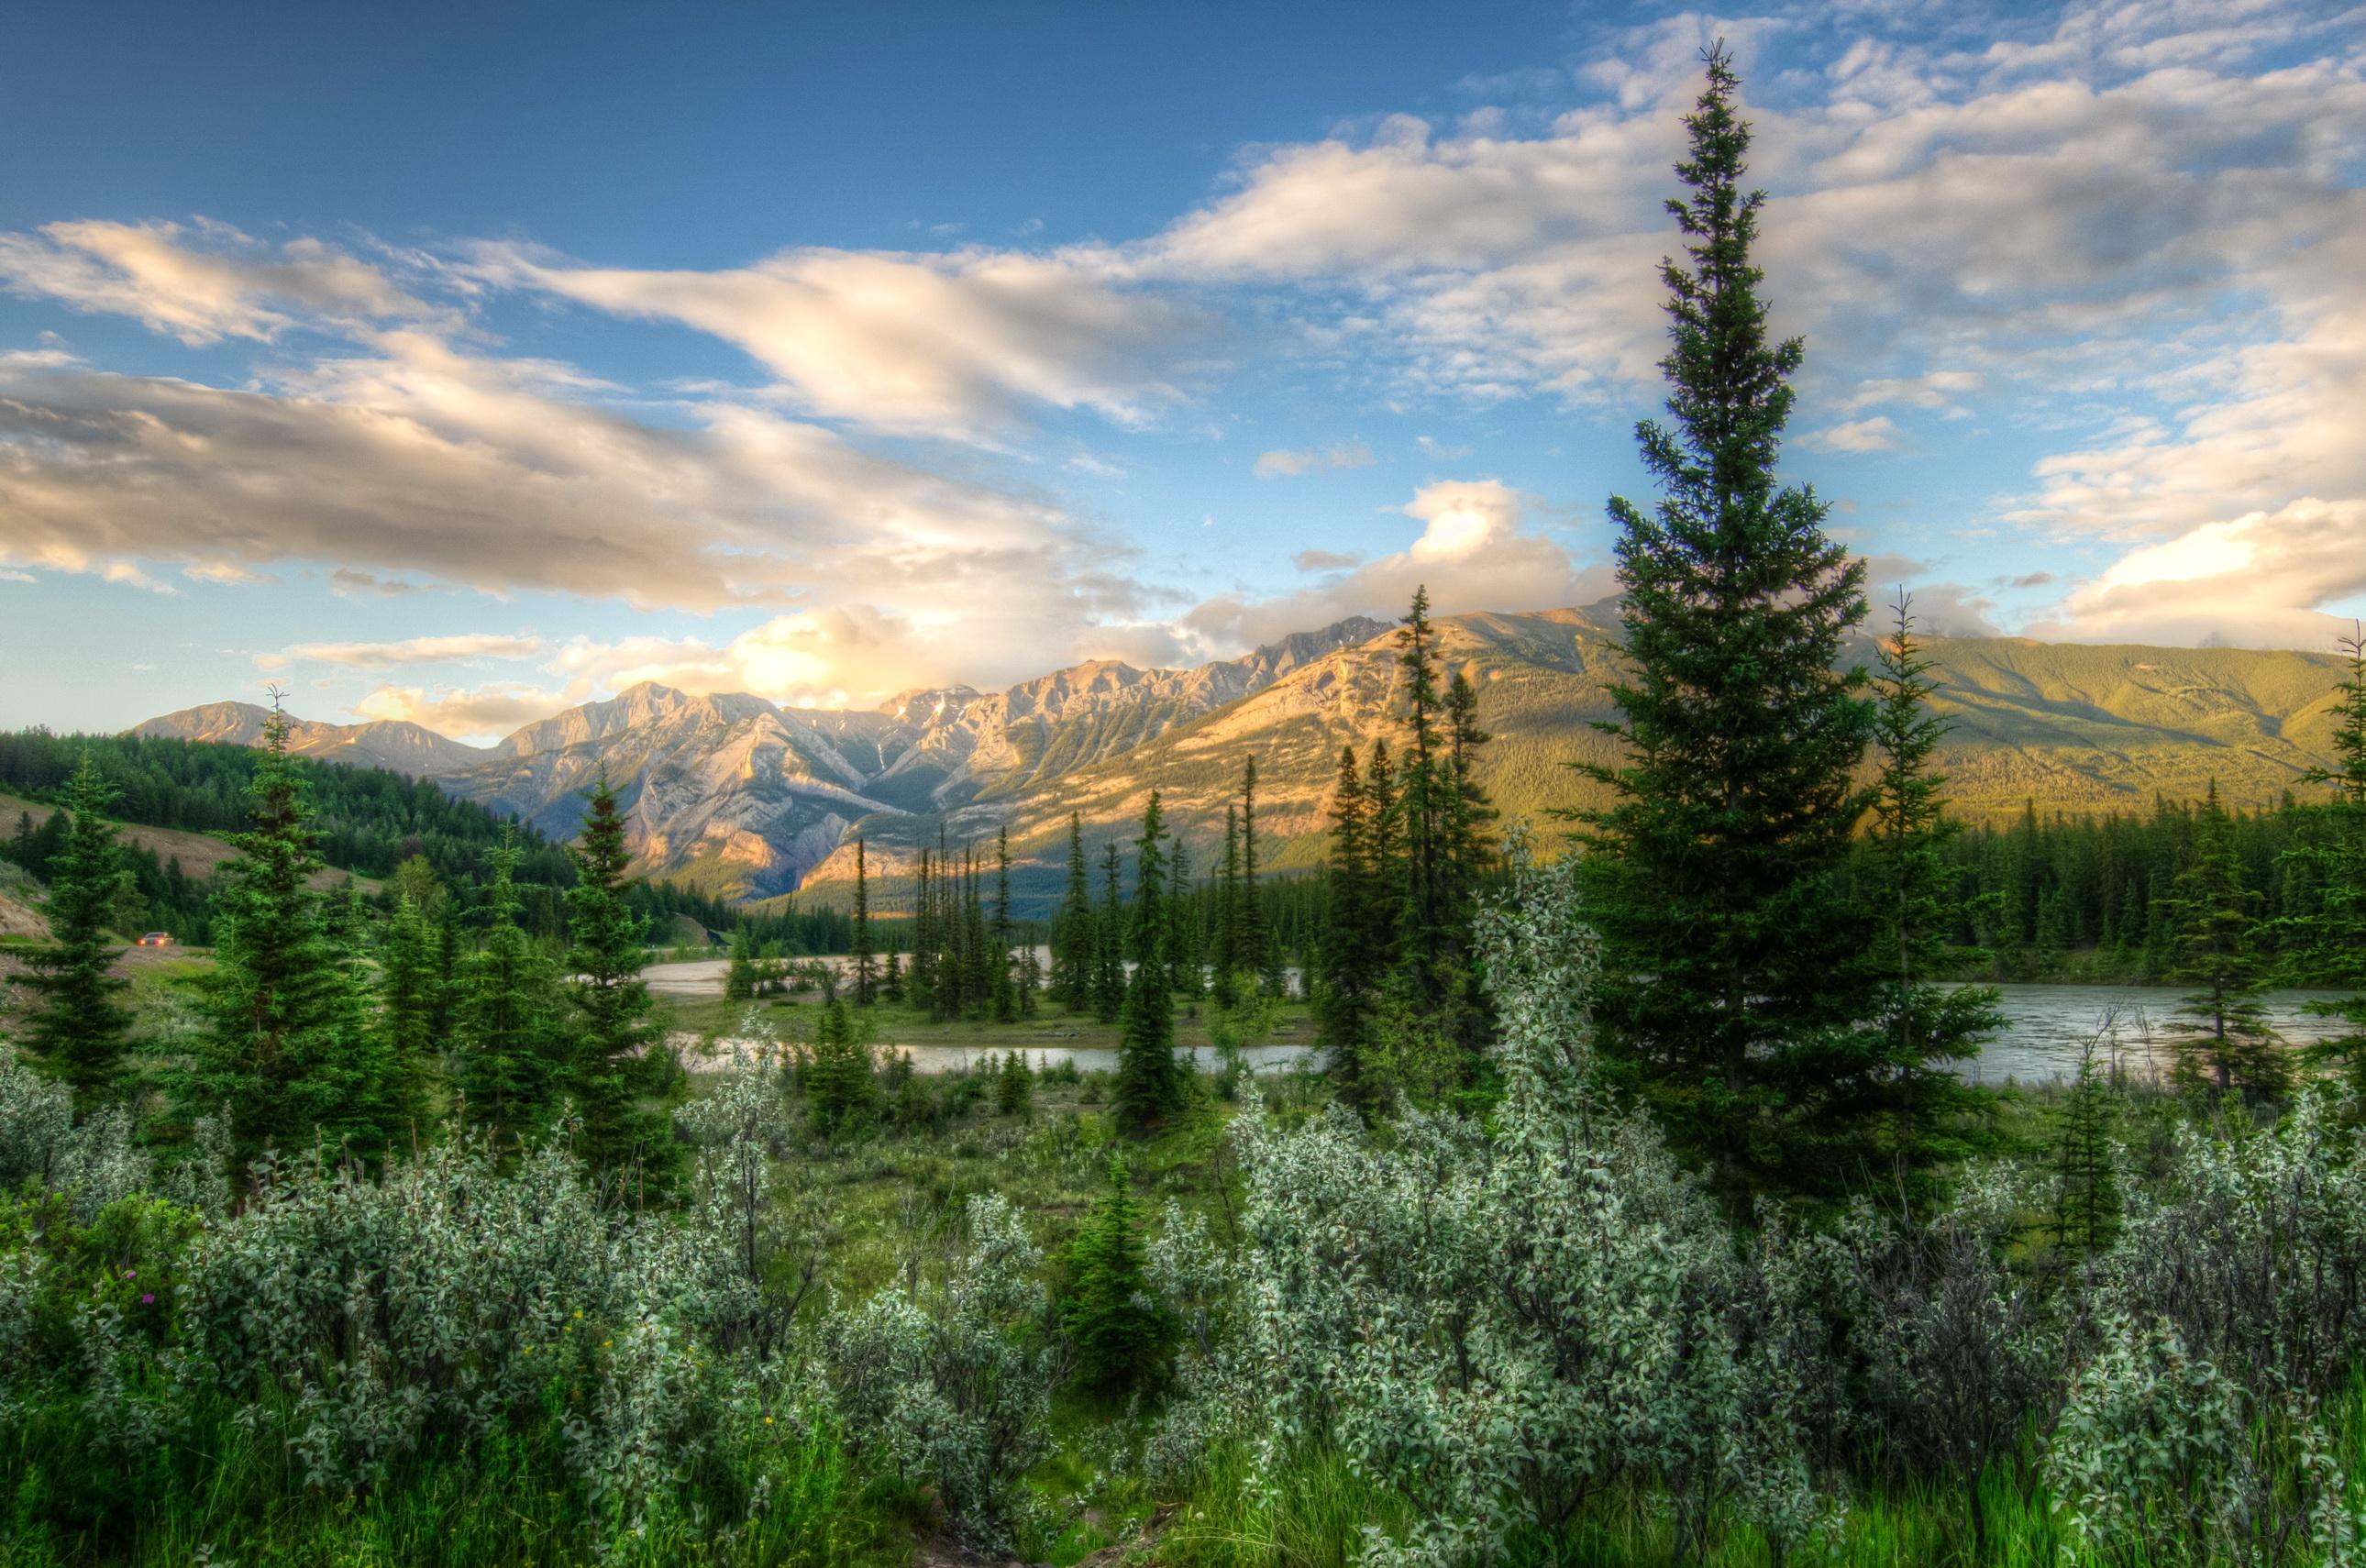 ель горы spruce mountains бесплатно